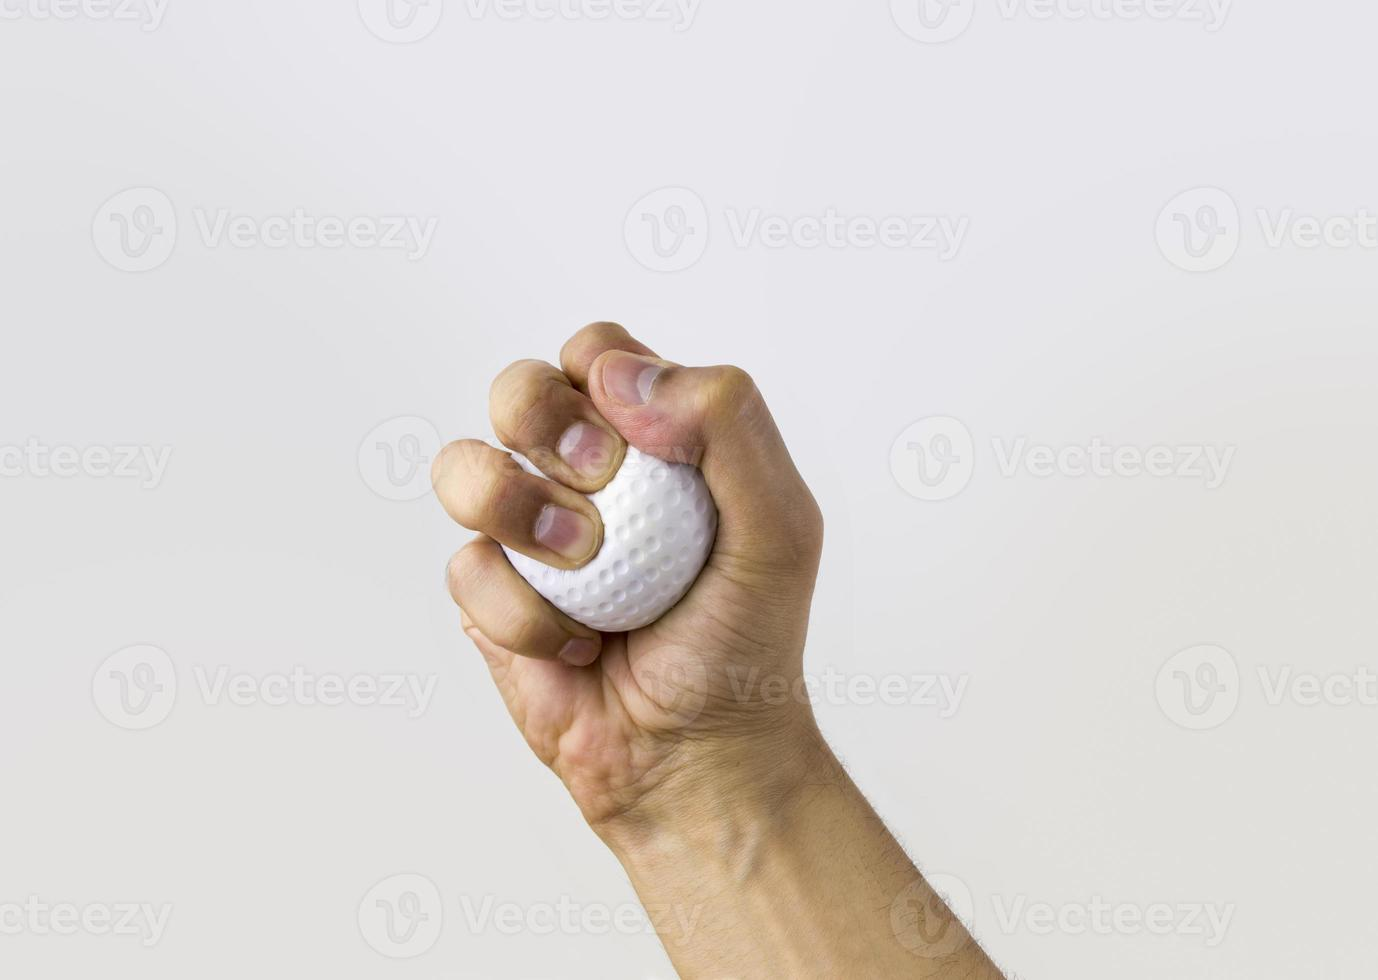 mano apretando la bola de estrés foto